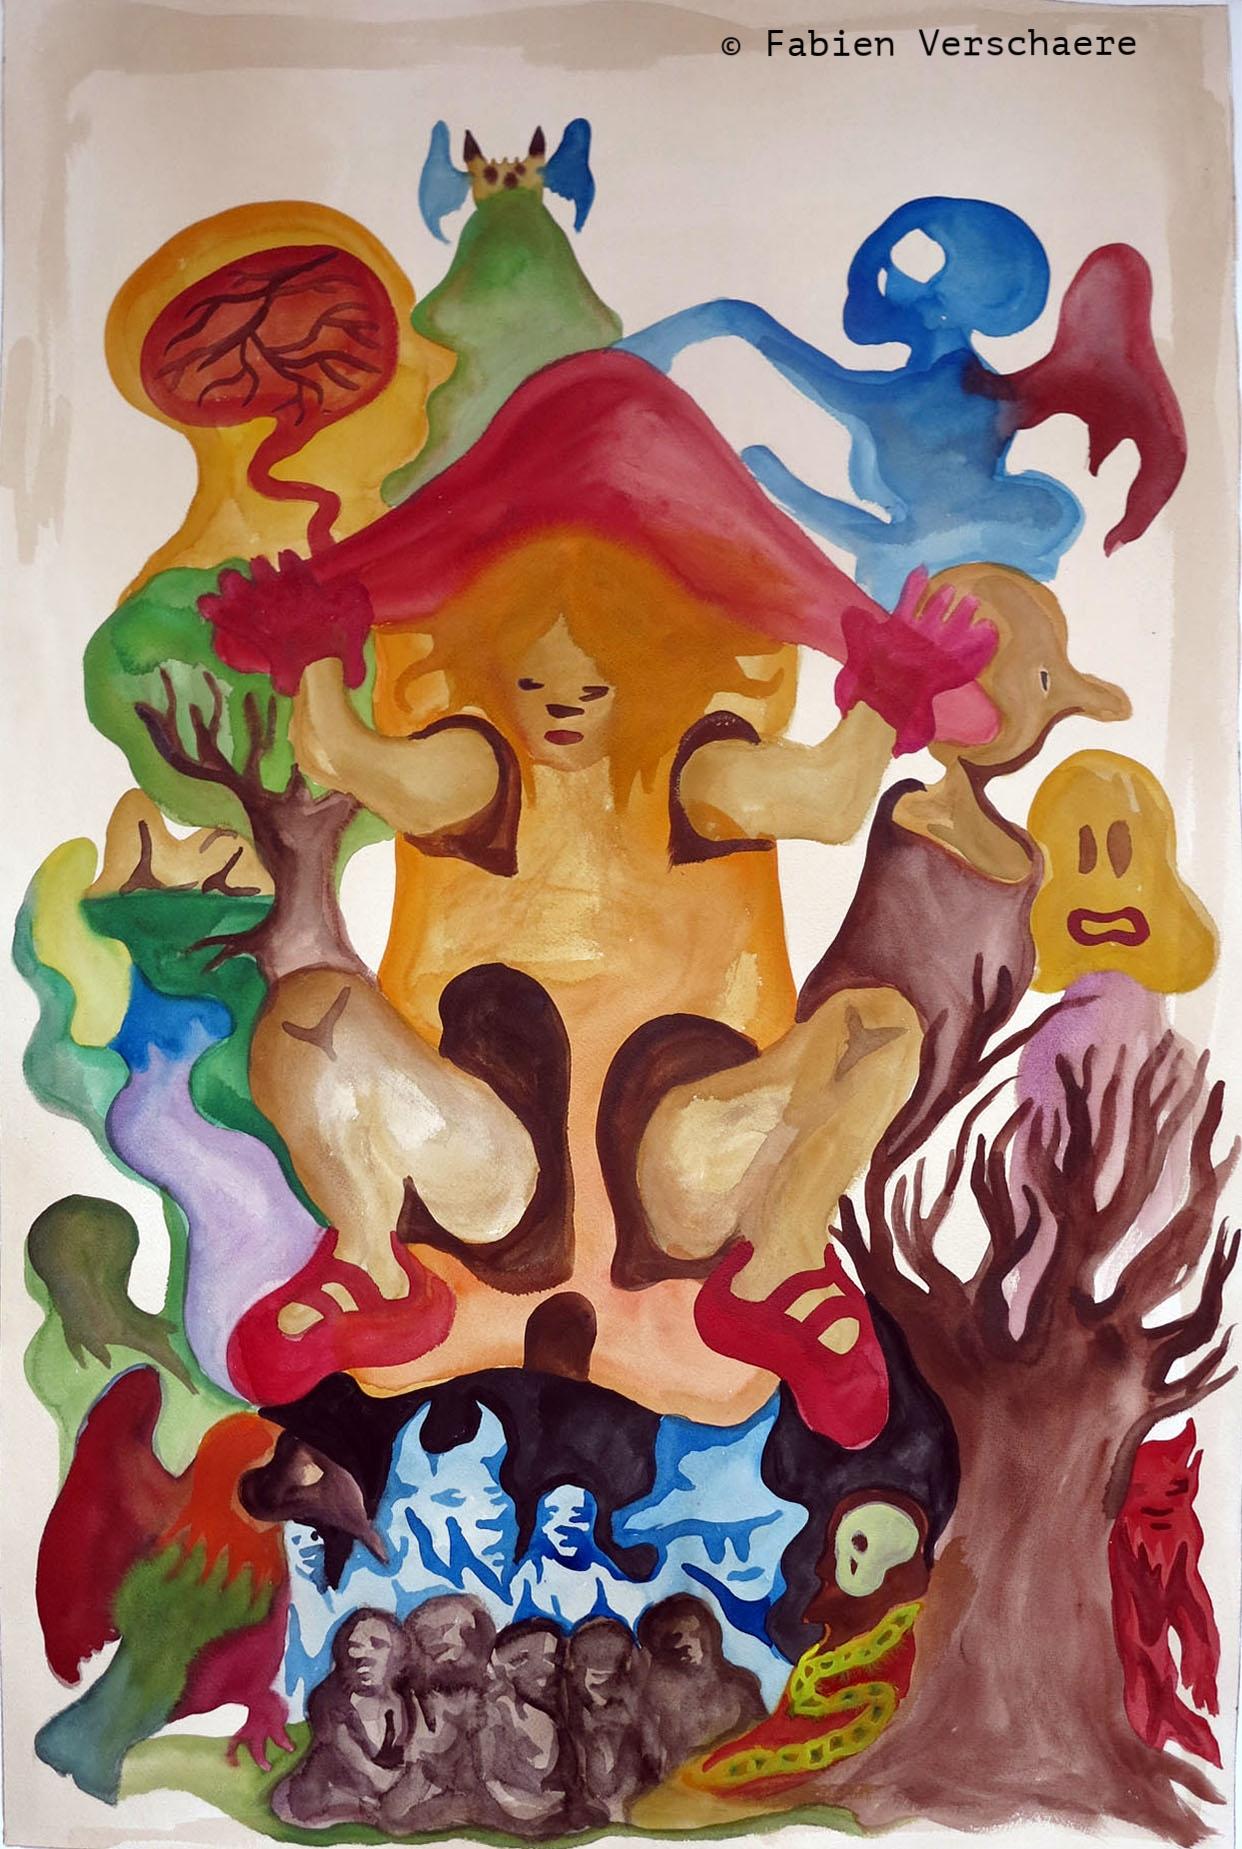 2669- Alice and Death - Aquarelle et brou de noix sur papier - 2013 - 101,6 x 65,6 cm.jpg